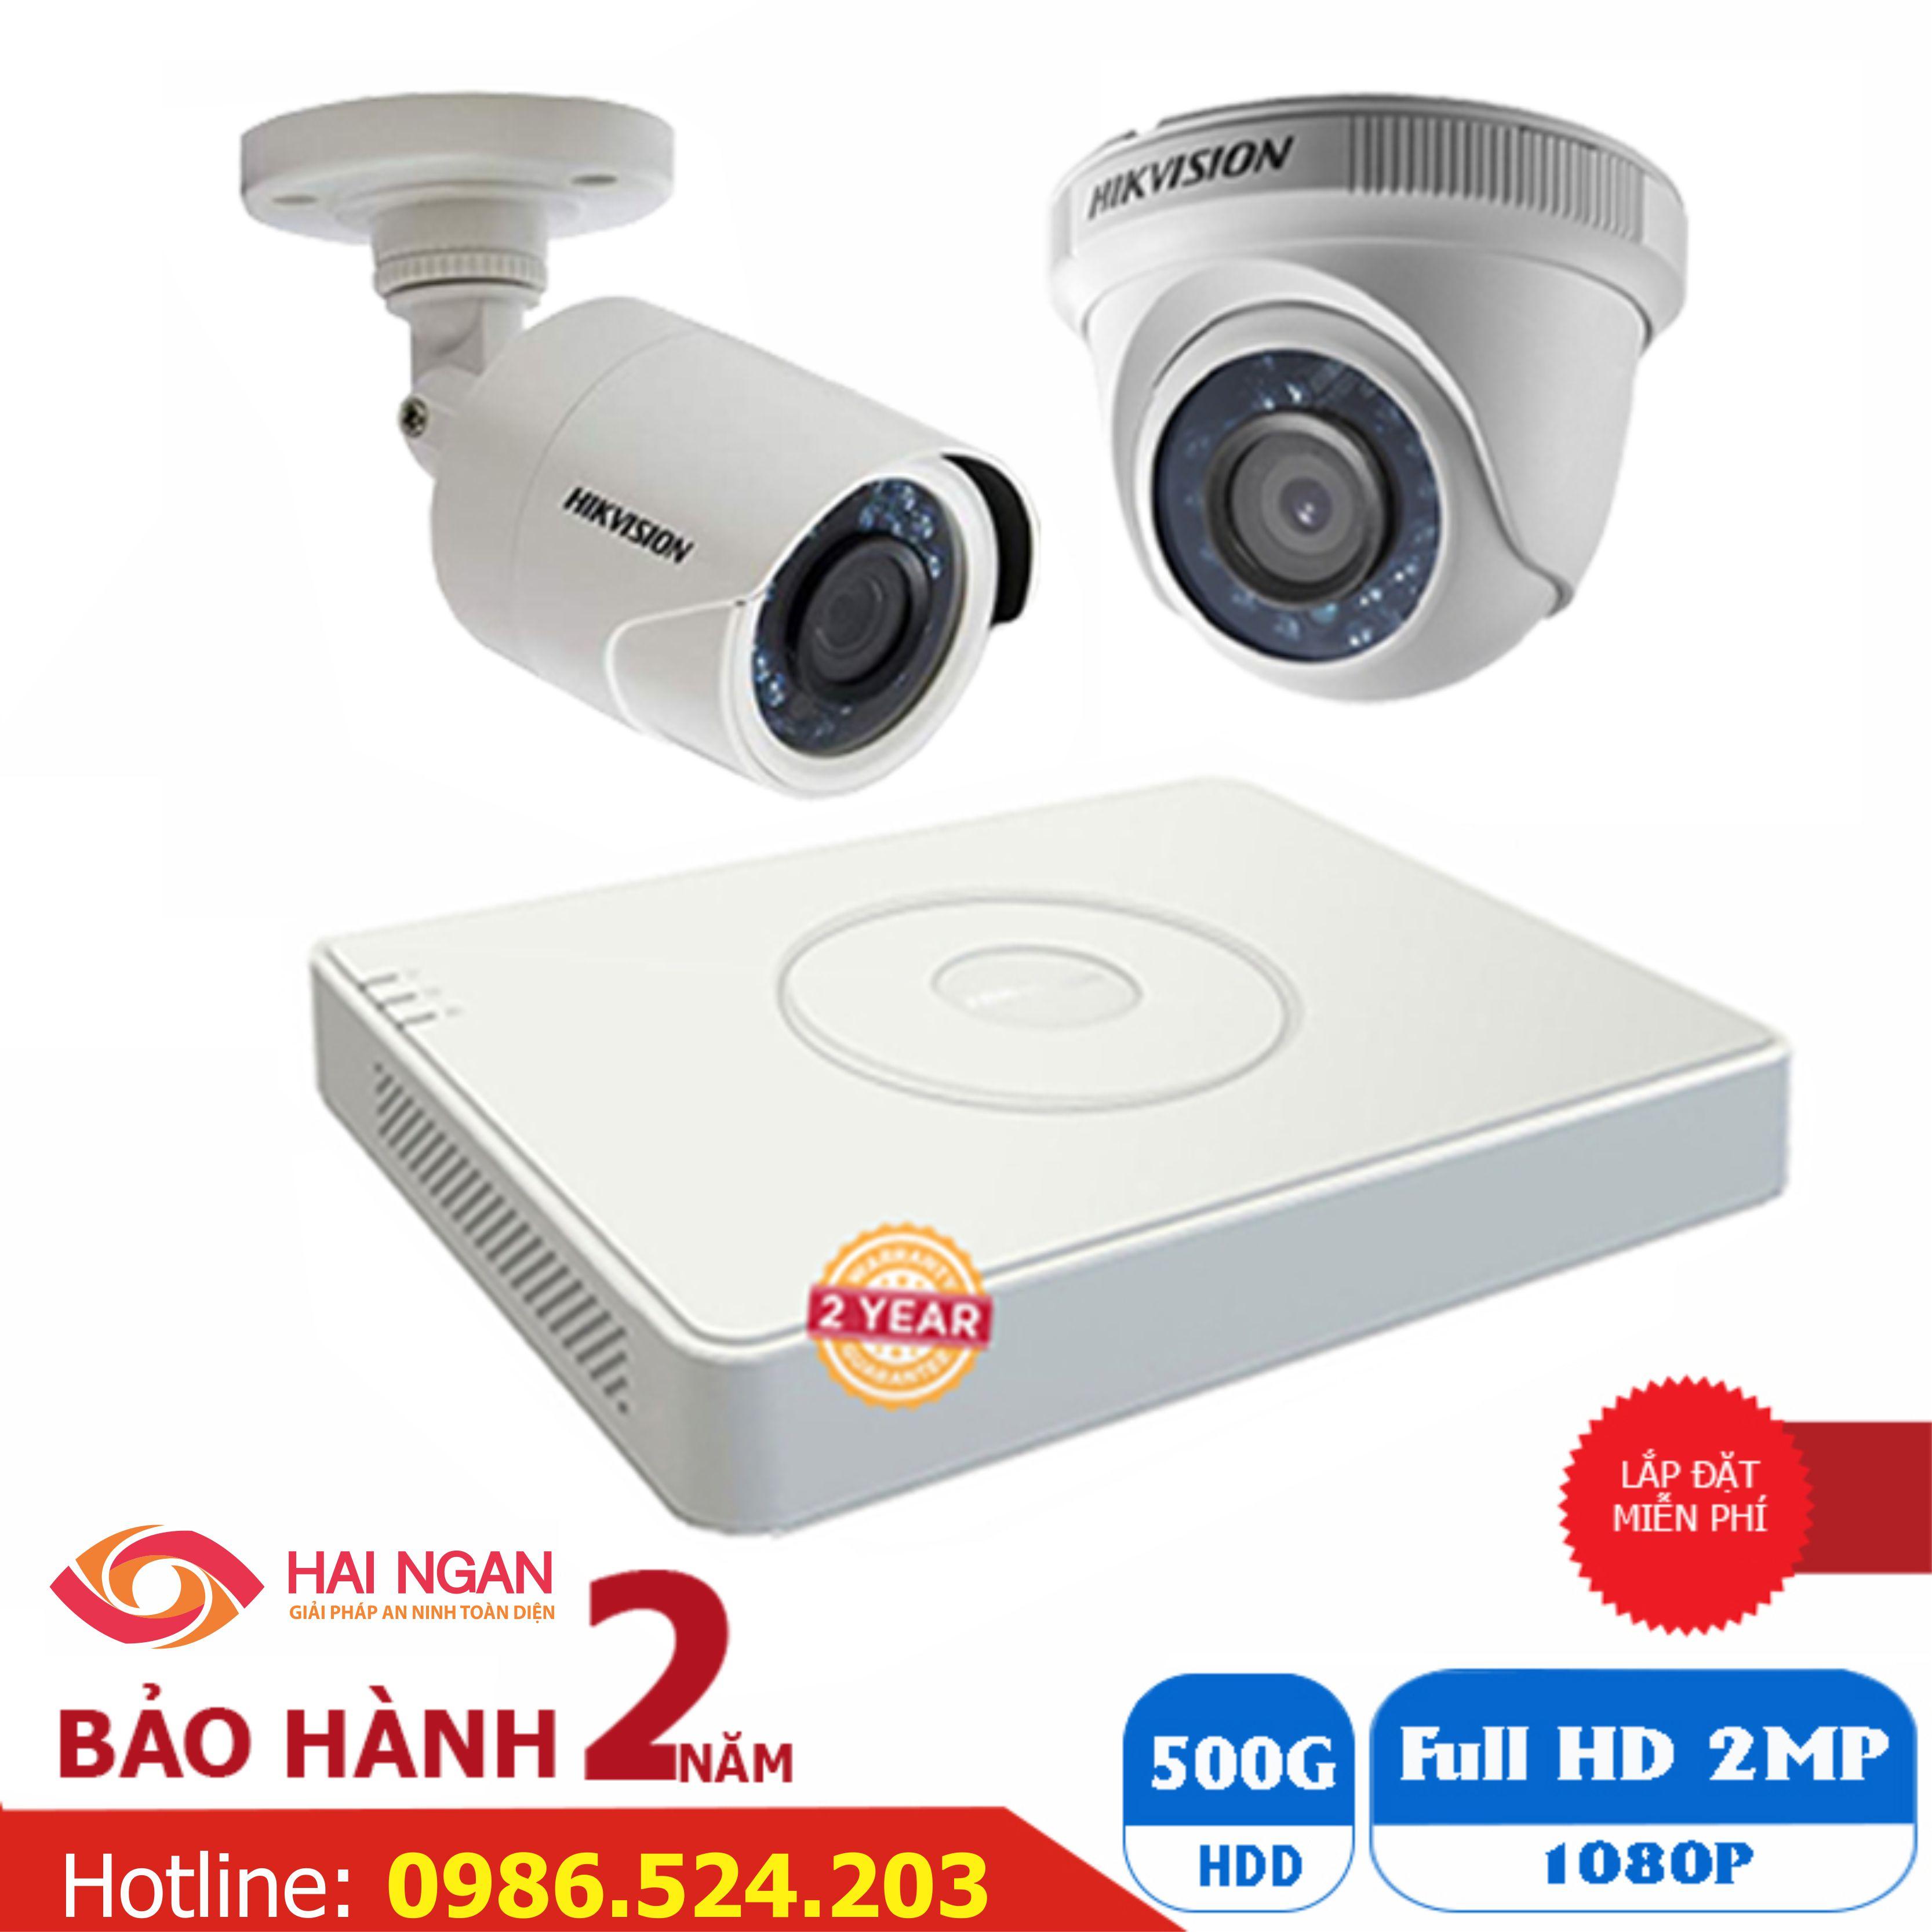 Lắp Đặt Trọn Bộ 02 Camera Giám Sát Hikvision Full HD HN-2CE562D0T